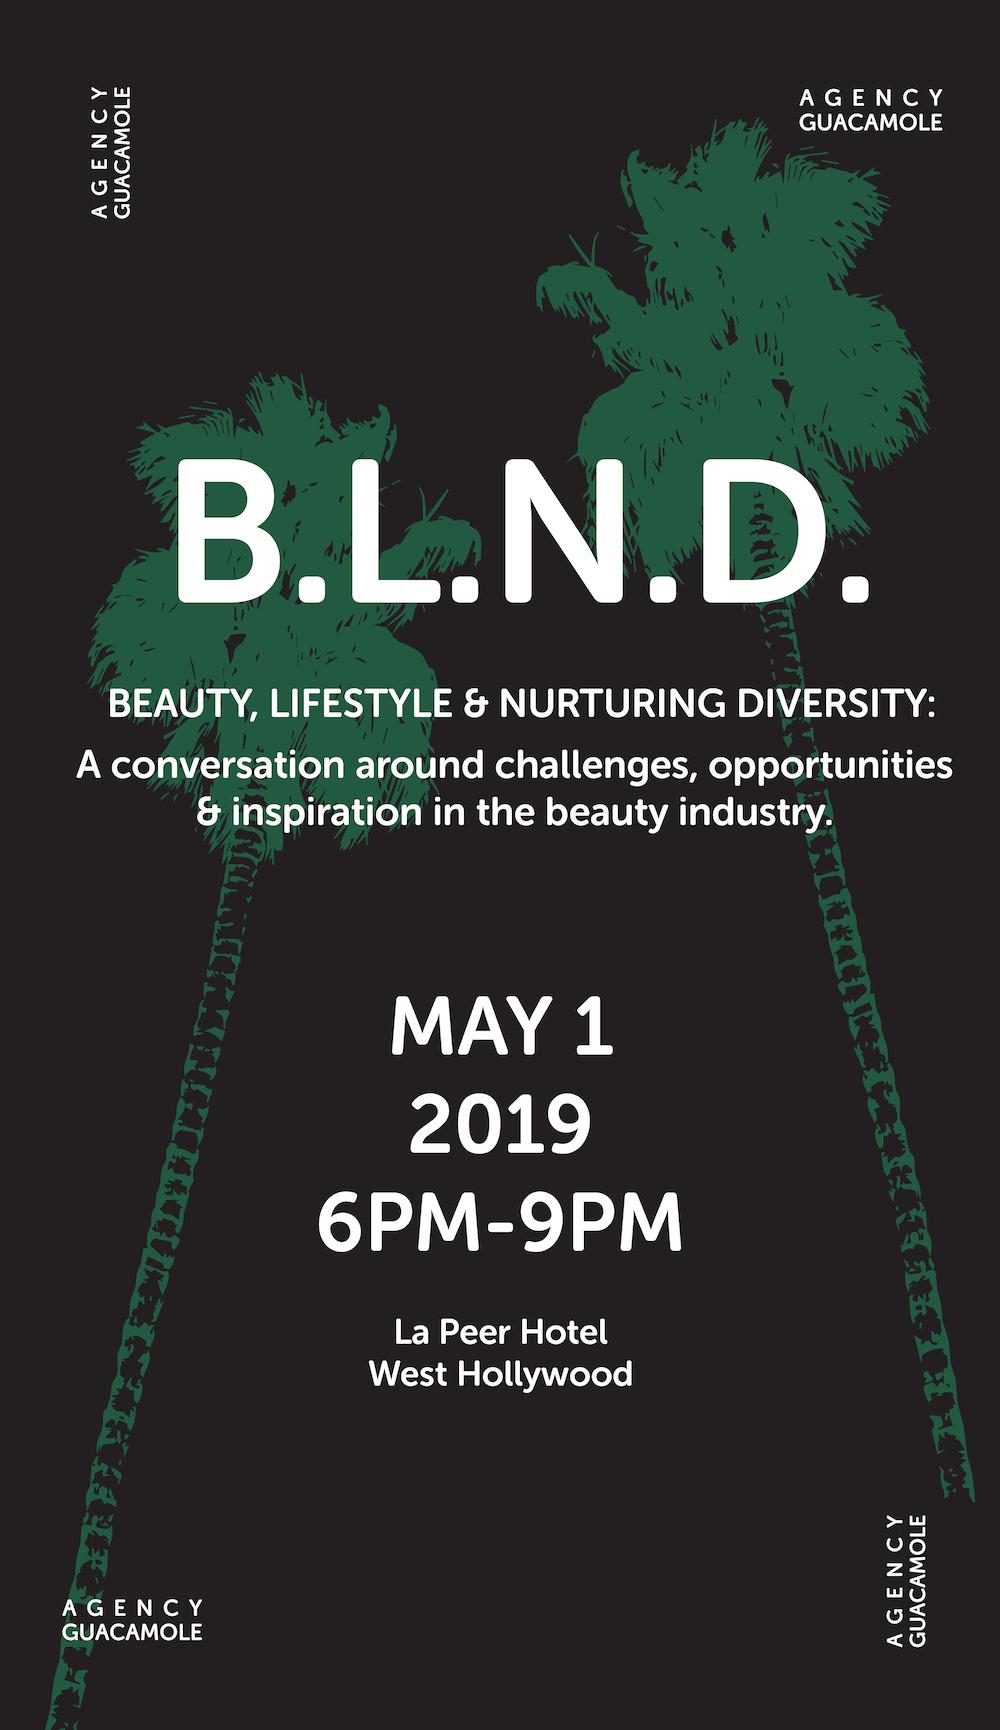 AG_BLND Los Angeles_VIP Invite.jpg